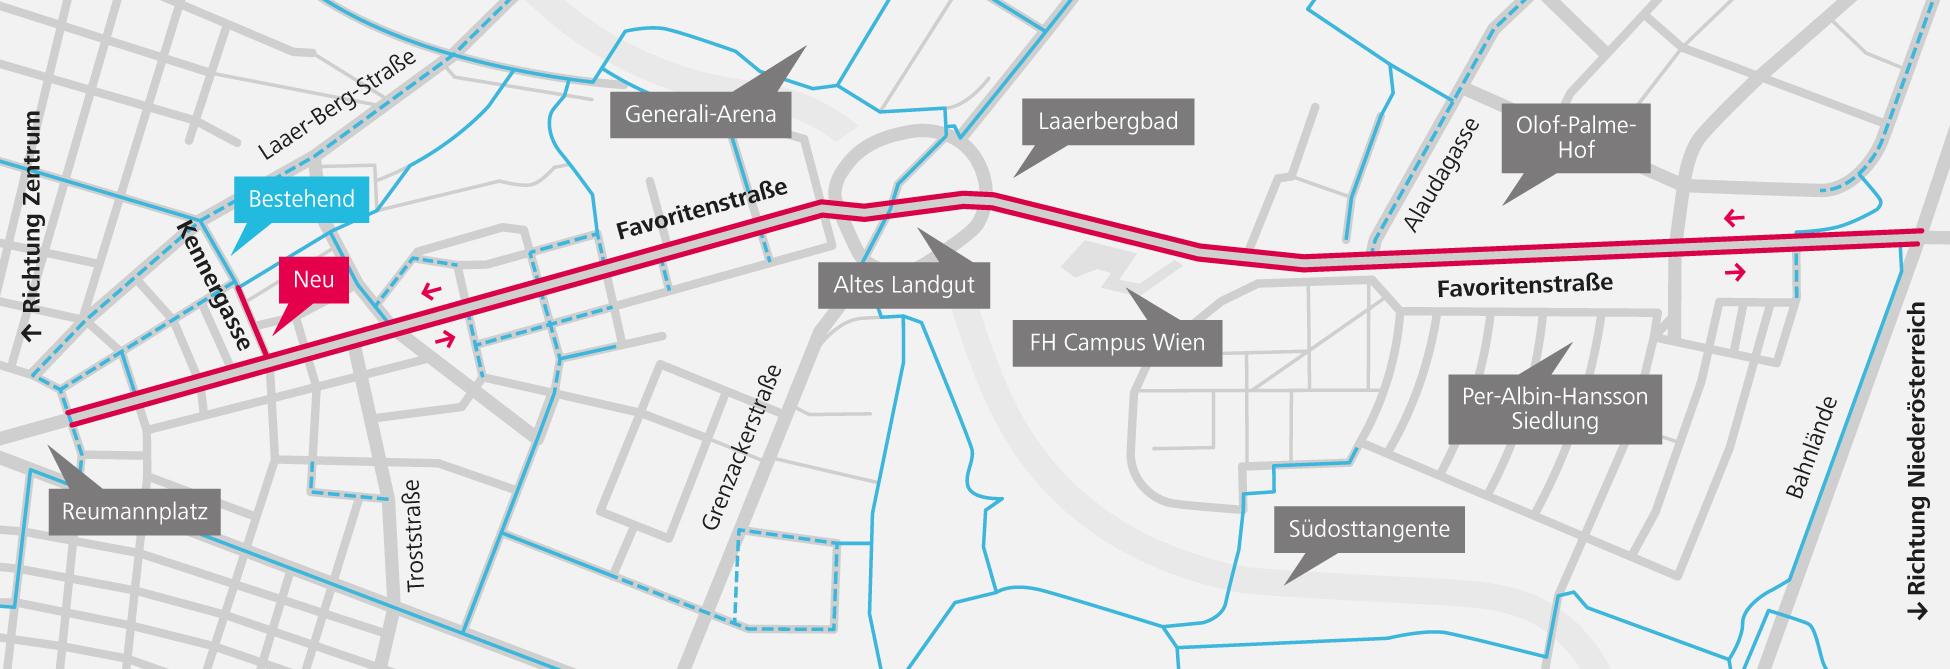 Eine vereinfachte Plandarstellung des Gebiets in Favoriten, in dem neuen Radwege entstanden sind. Erstellt von Johannes Essl